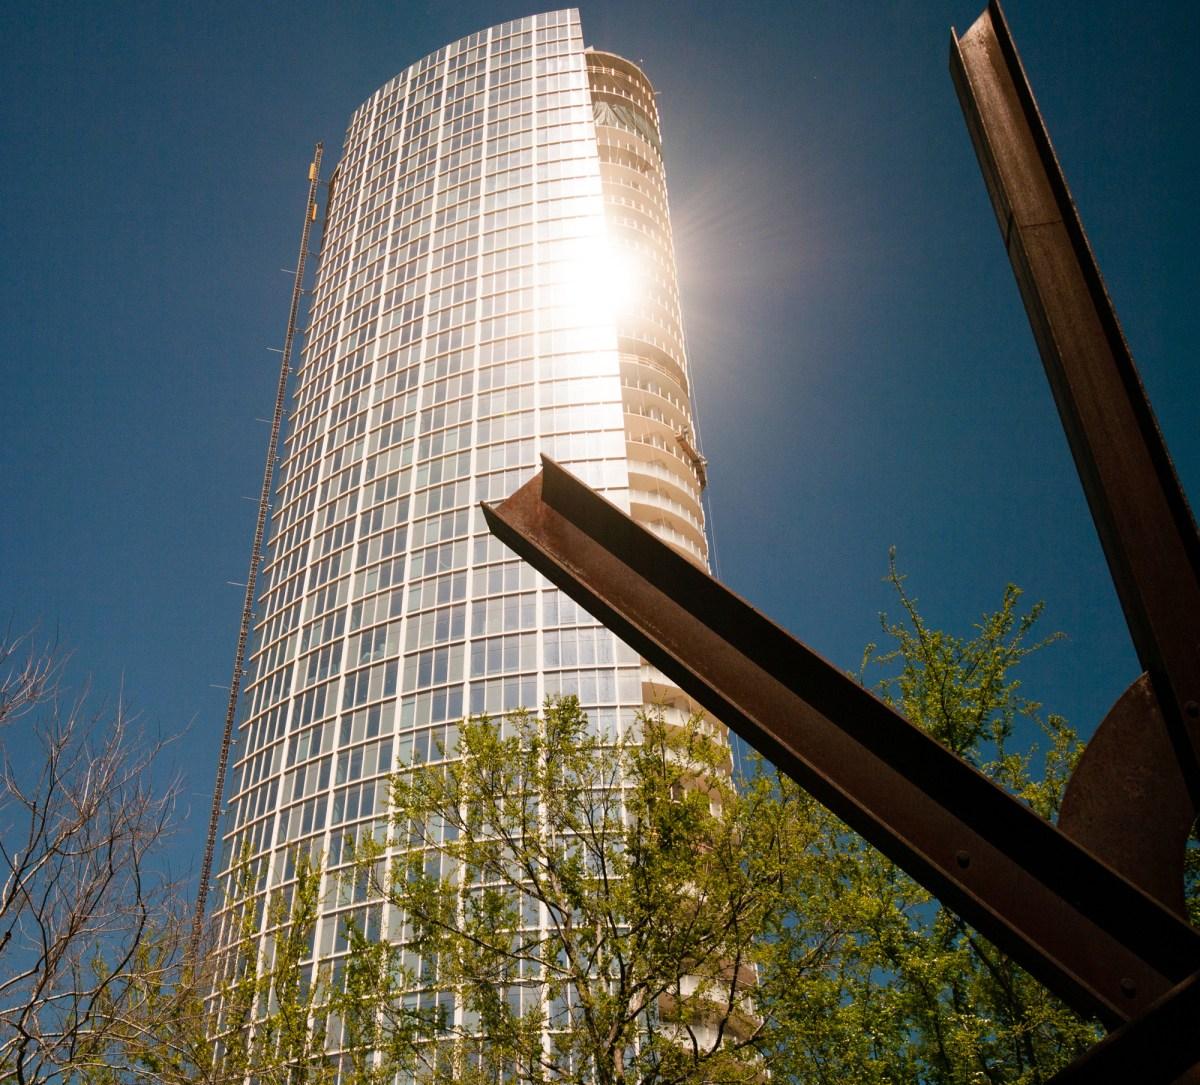 Museum Tower / Scott Johnson.